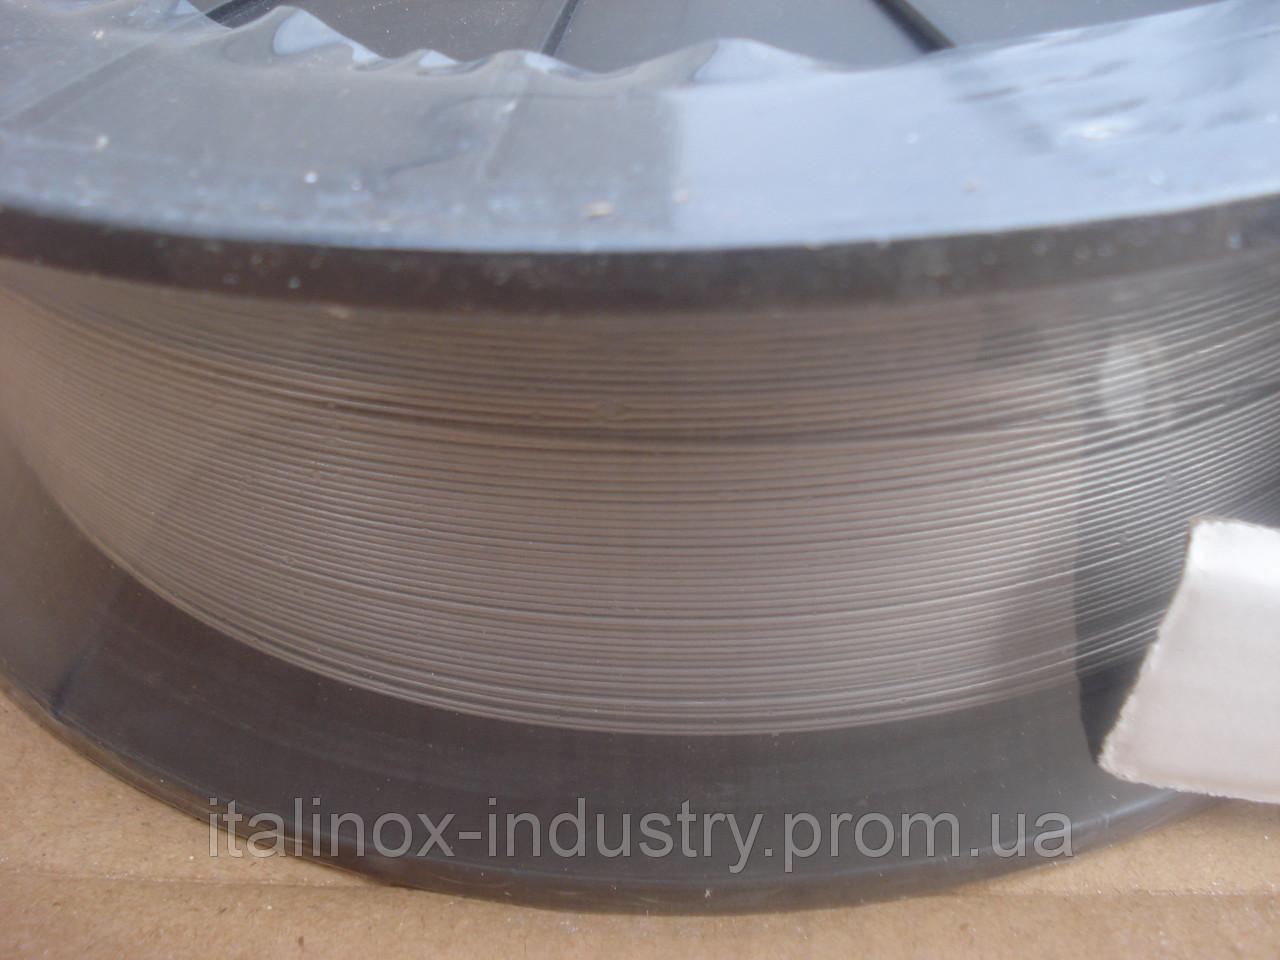 Нержавеющая сварочная проволока ER 309L 1,2 мм для полуавтомата